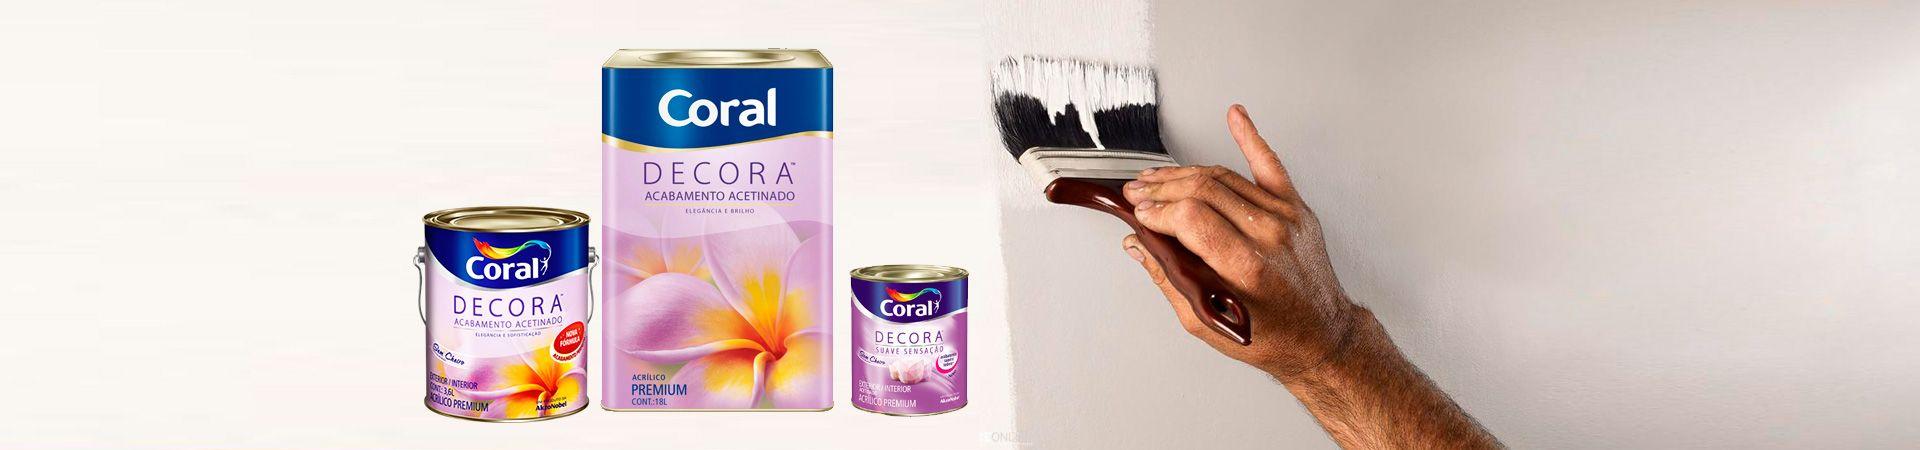 Banner de Imagens - Linha de Tintas Coral Decora